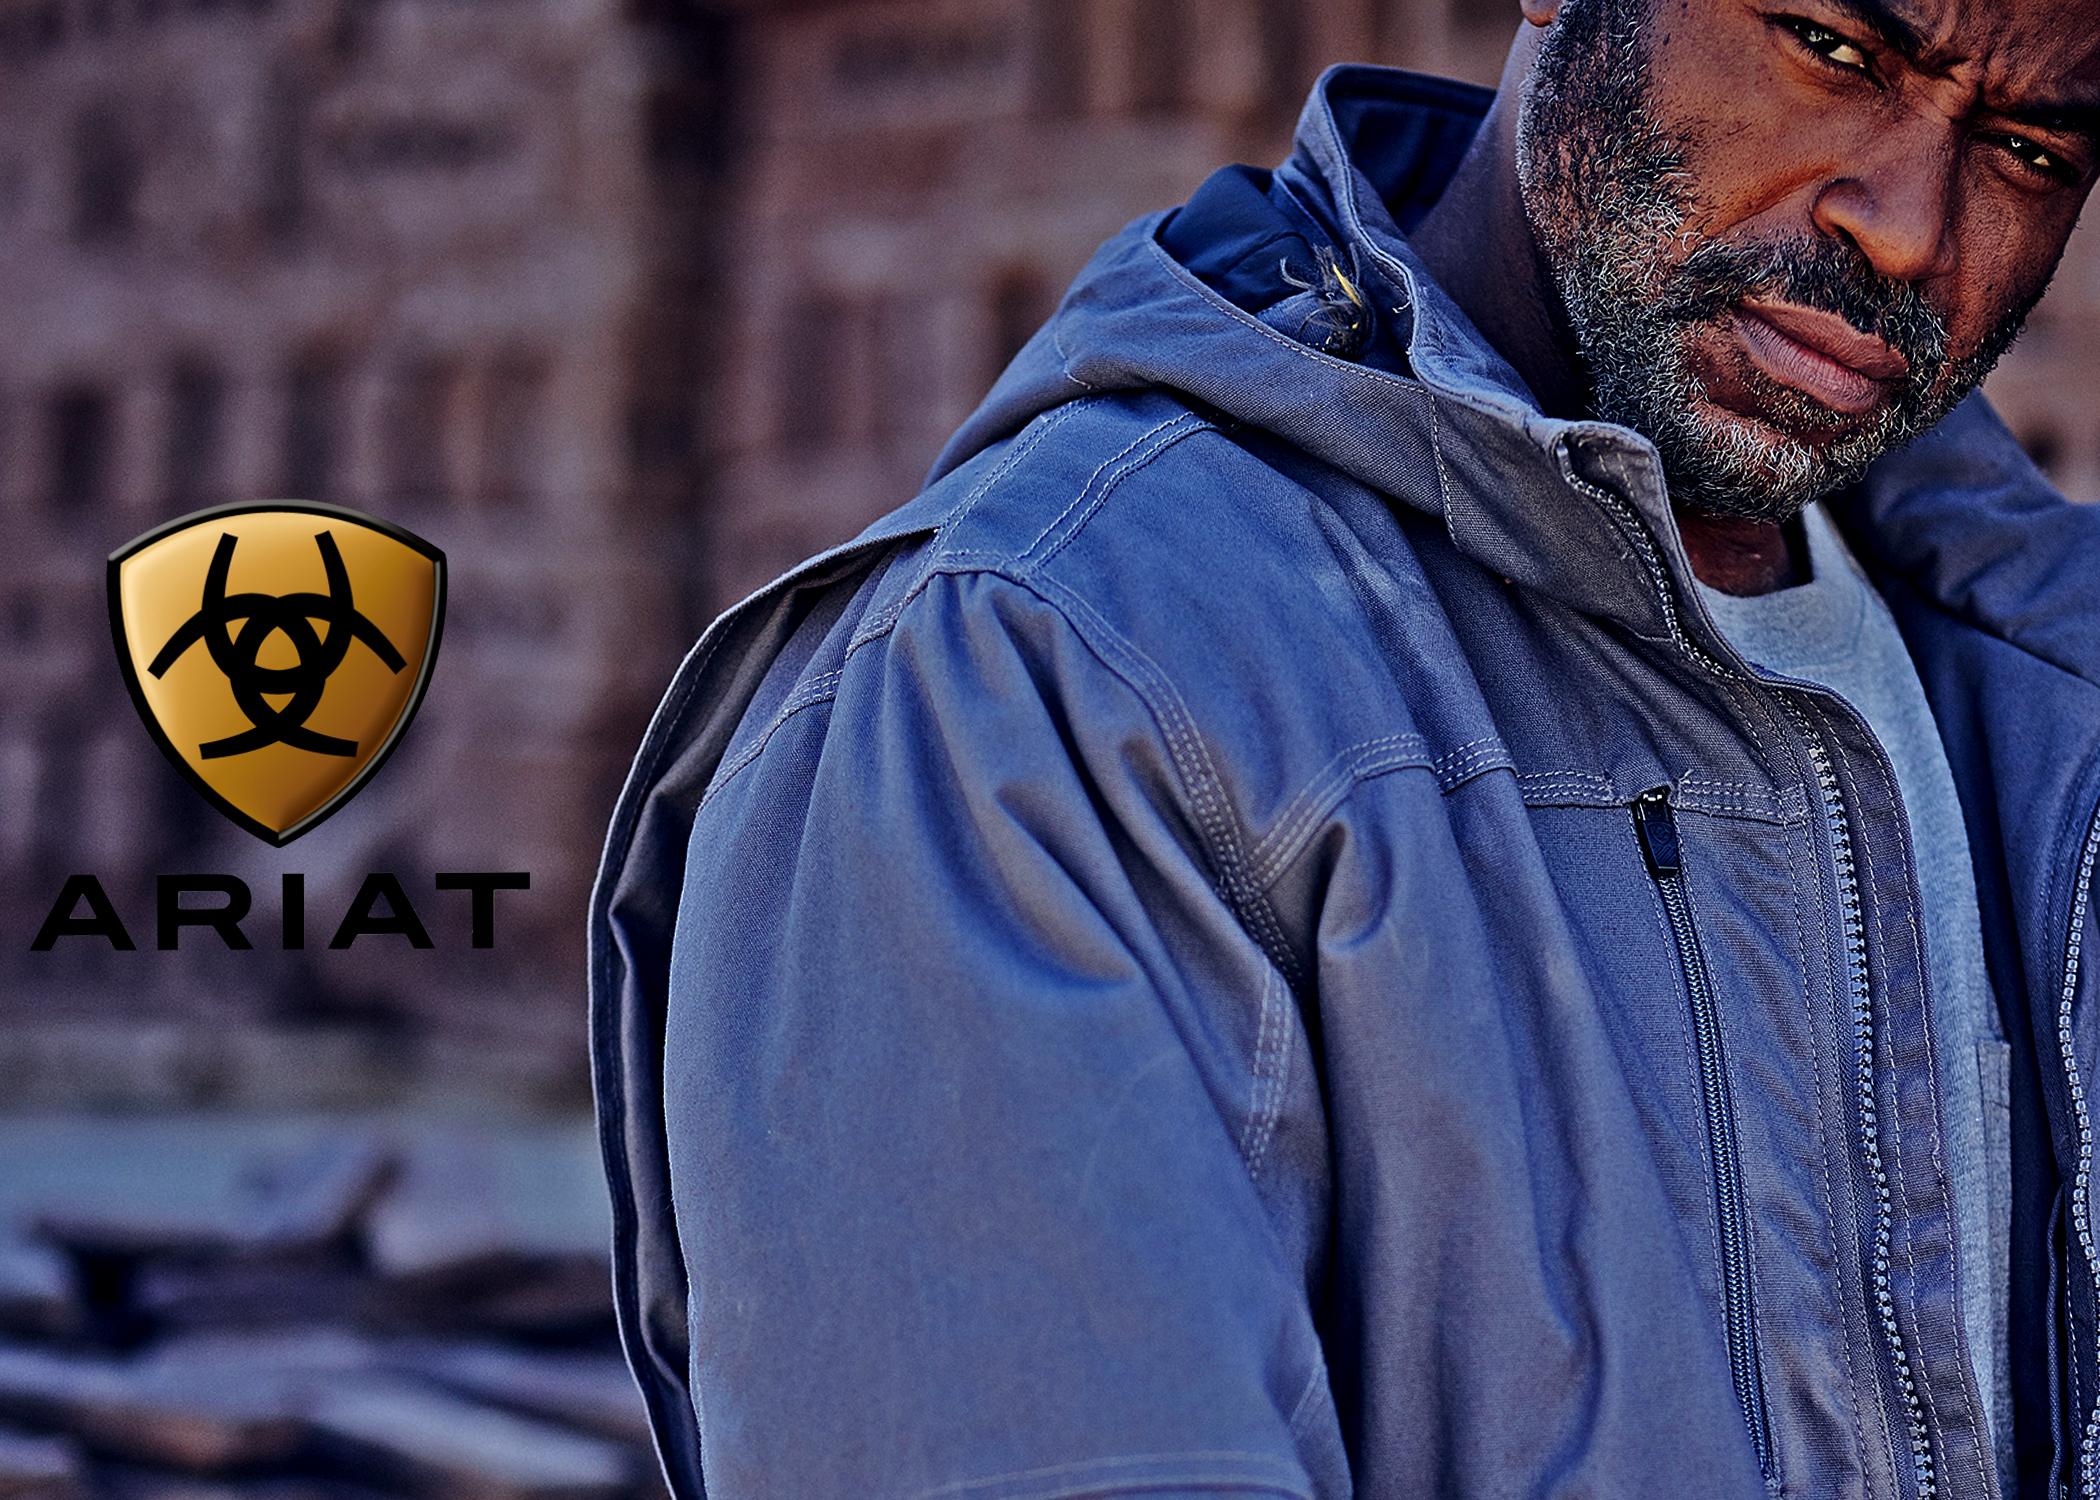 AriatIG6